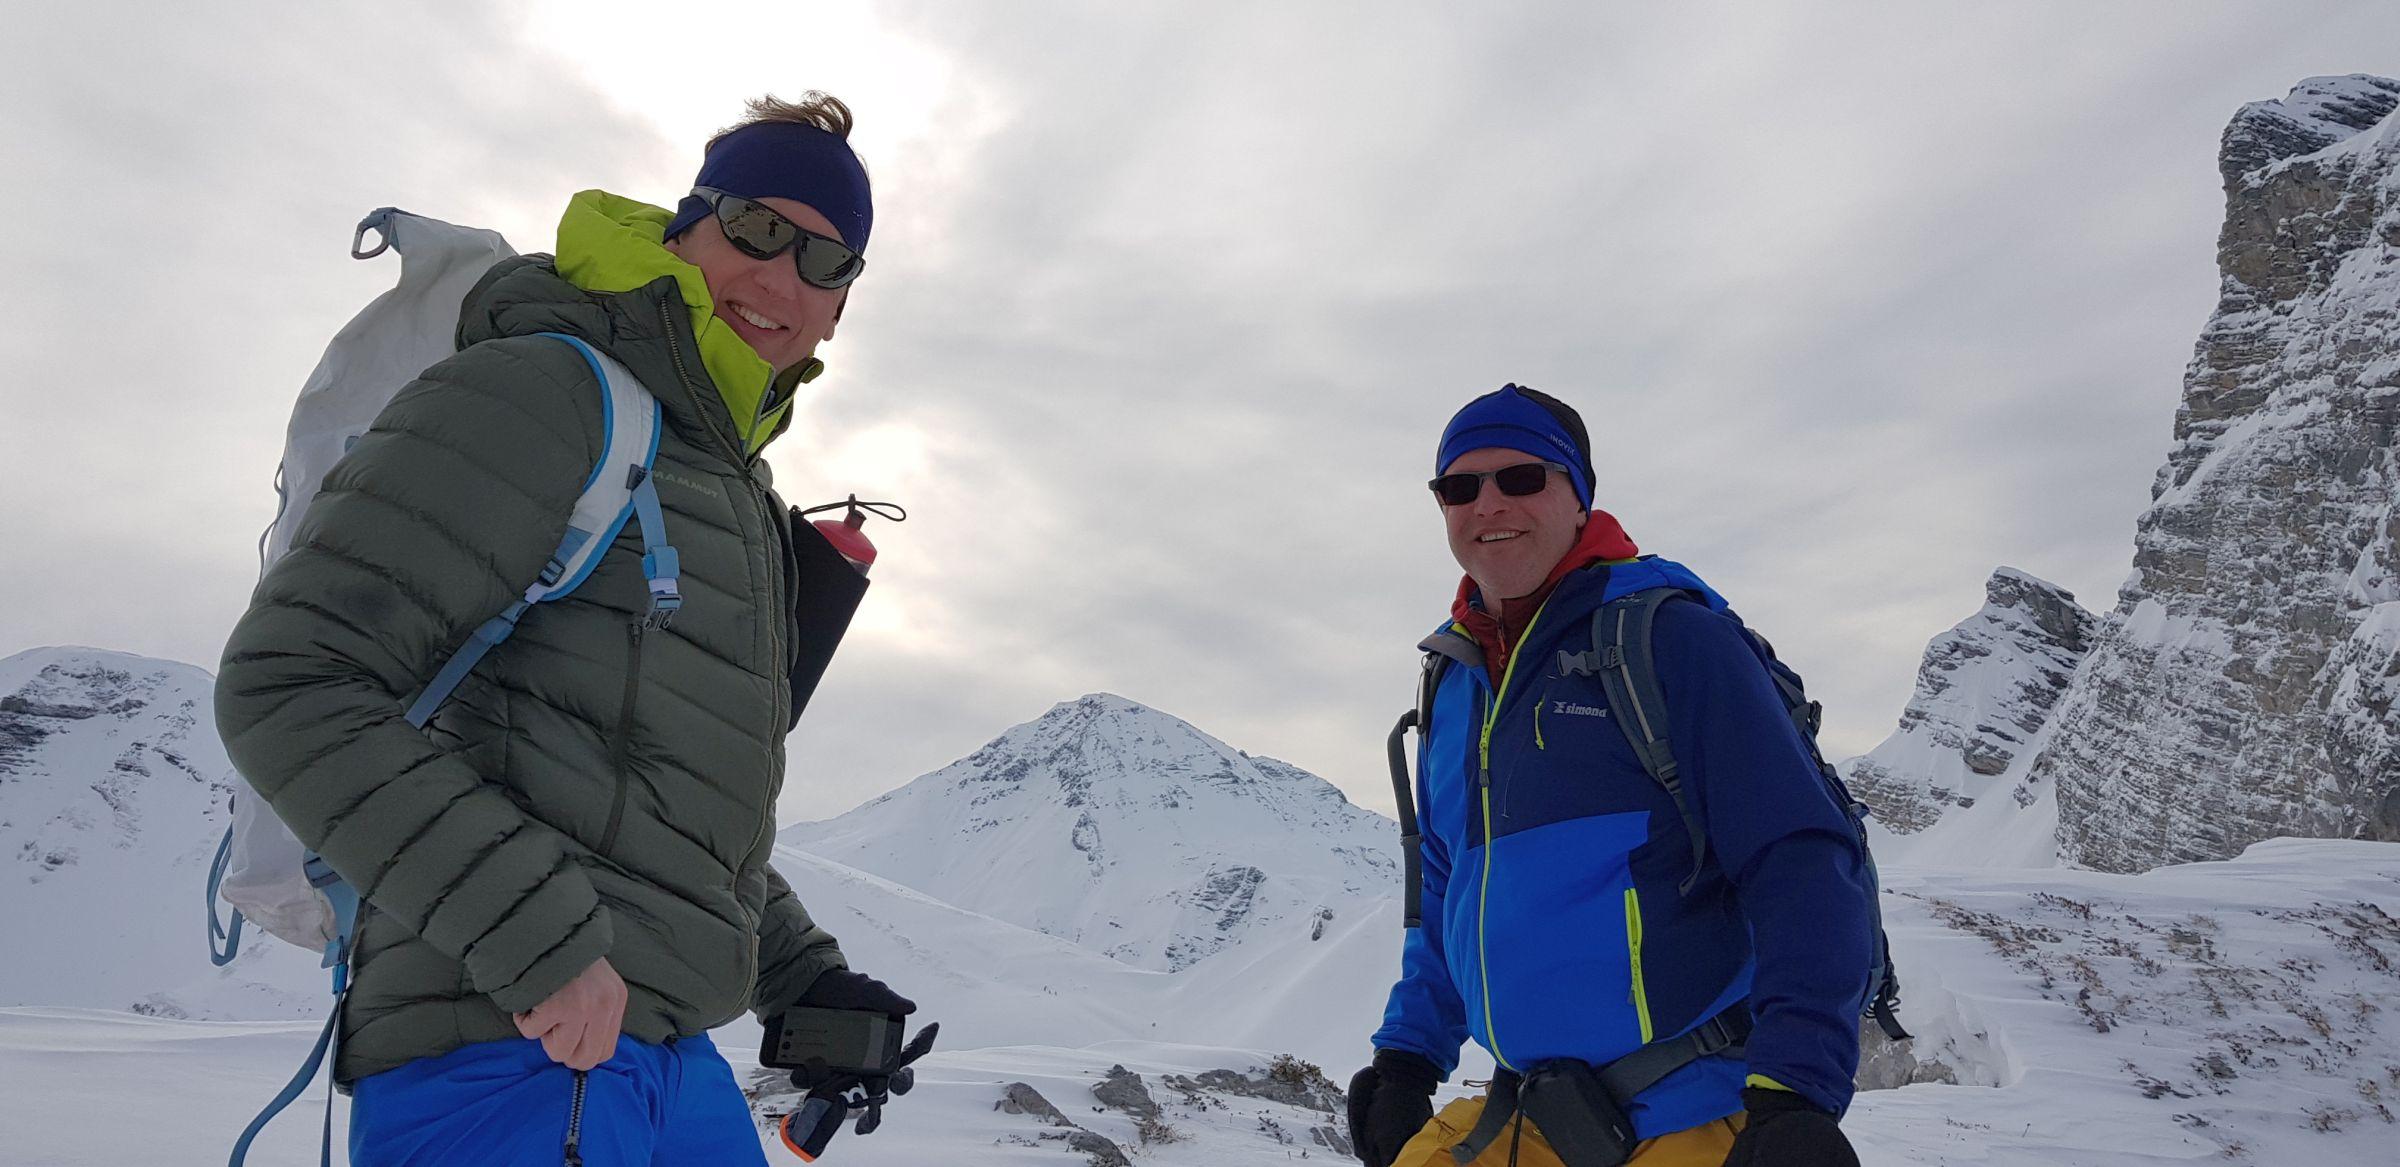 Skitour Chalberhöri 23.01.2021